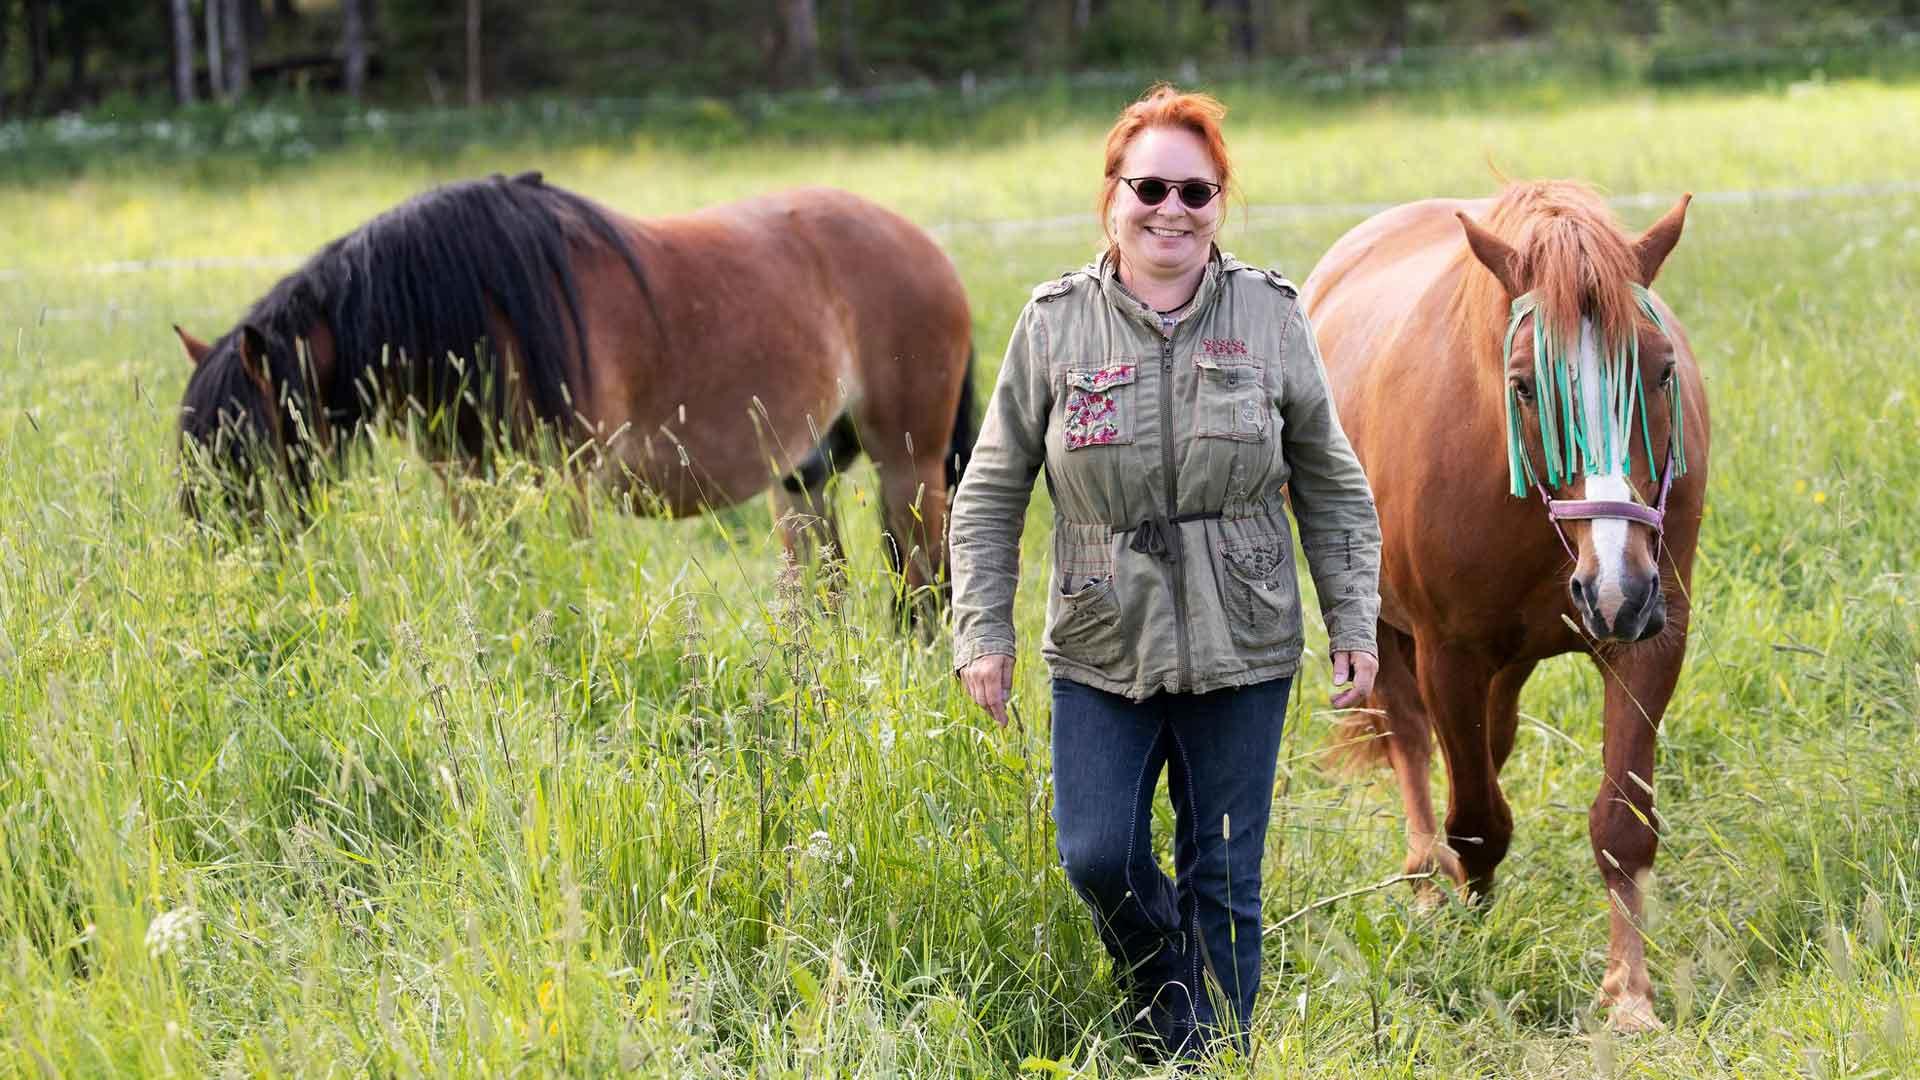 Ulla Hukan Cardehumma-maatilalla asustaa viisi hevosta, kaksi koiraa, kaksi vuohta ja kaksi kiliä, kaksi aasia, kanoja, pupuja ja kissoja. 7-vuotias Edgar on myös kylmäverinen pohjoisruotsintyöhevonen, kuten edesmennyt Eki.